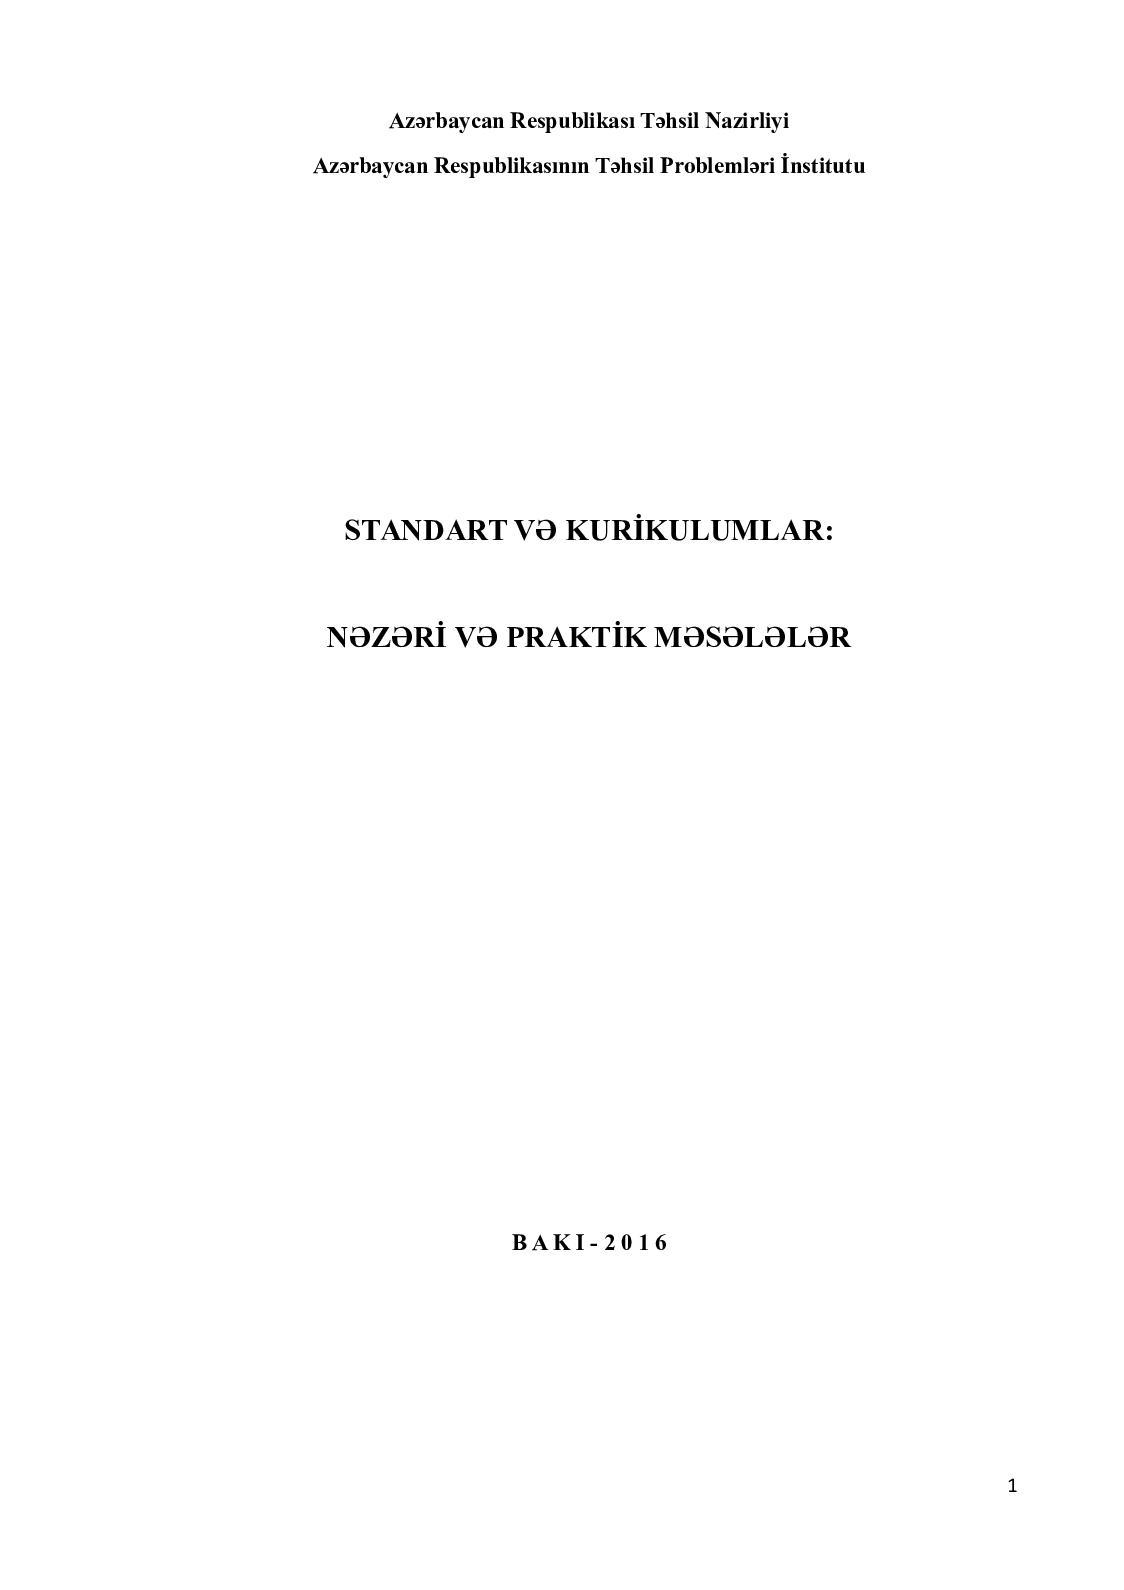 Standart Ve Kurikulumlar Kitab 2016